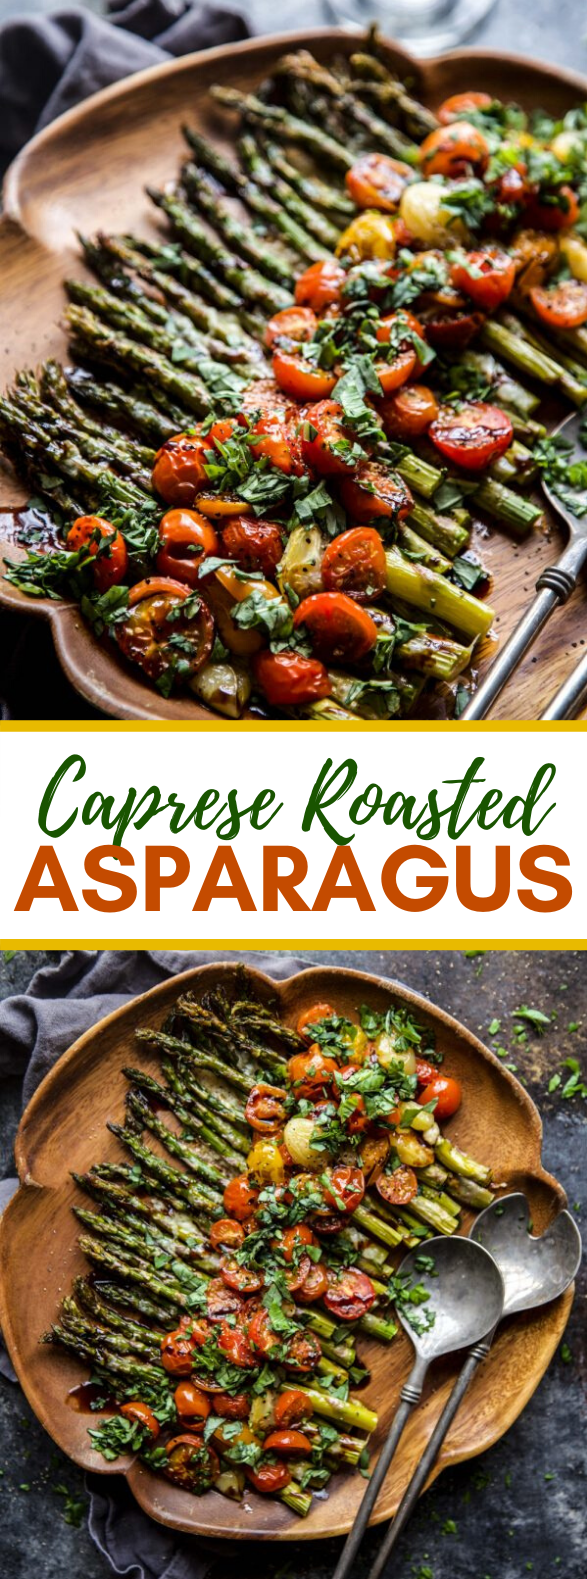 CAPRESE ROASTED ASPARAGUS #vegetarian #easterdinner